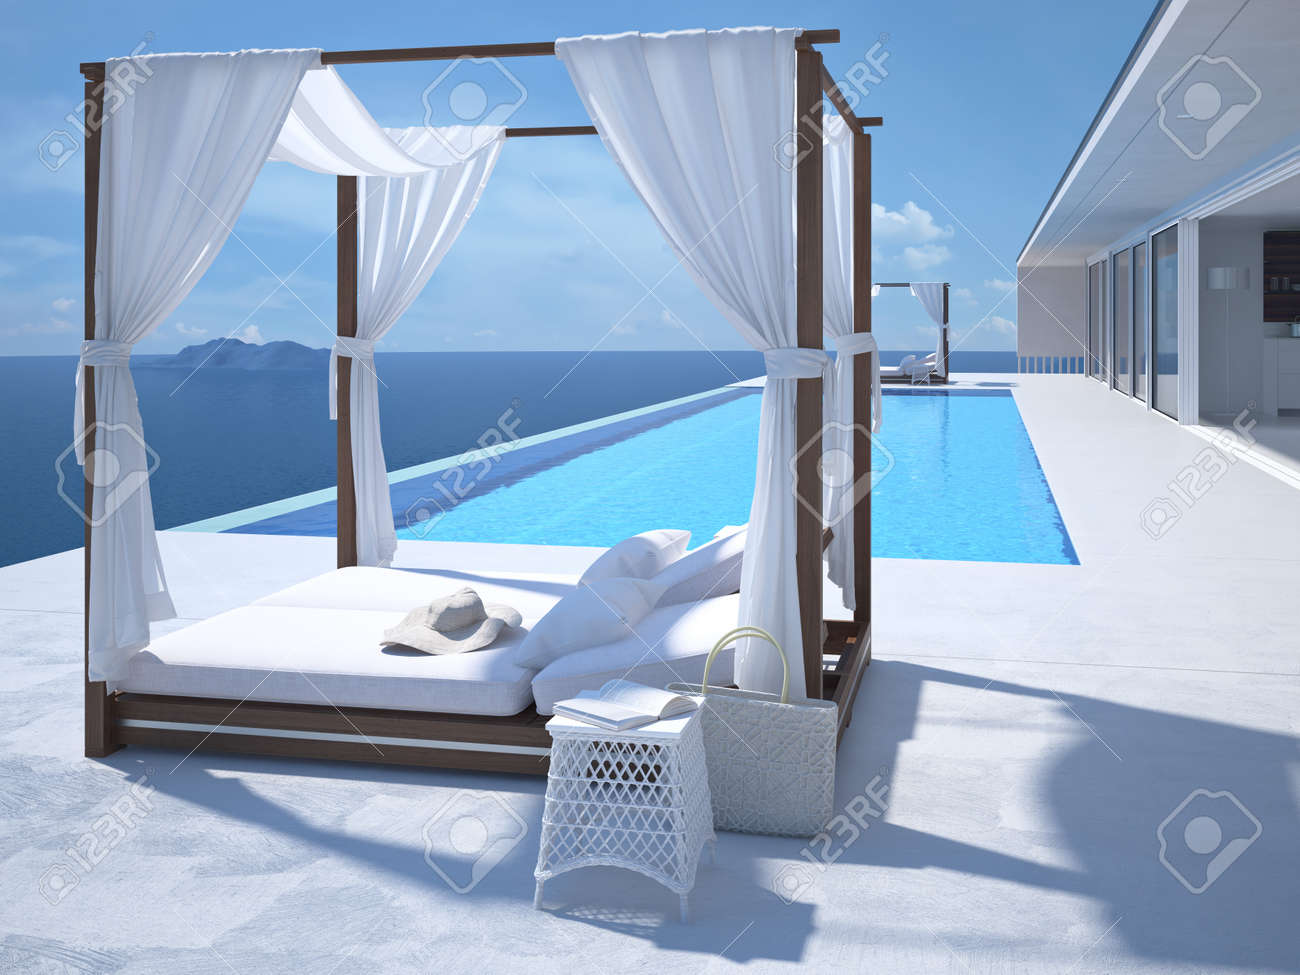 A luxury swimming pool in santorini. 3d rendering - 58406311